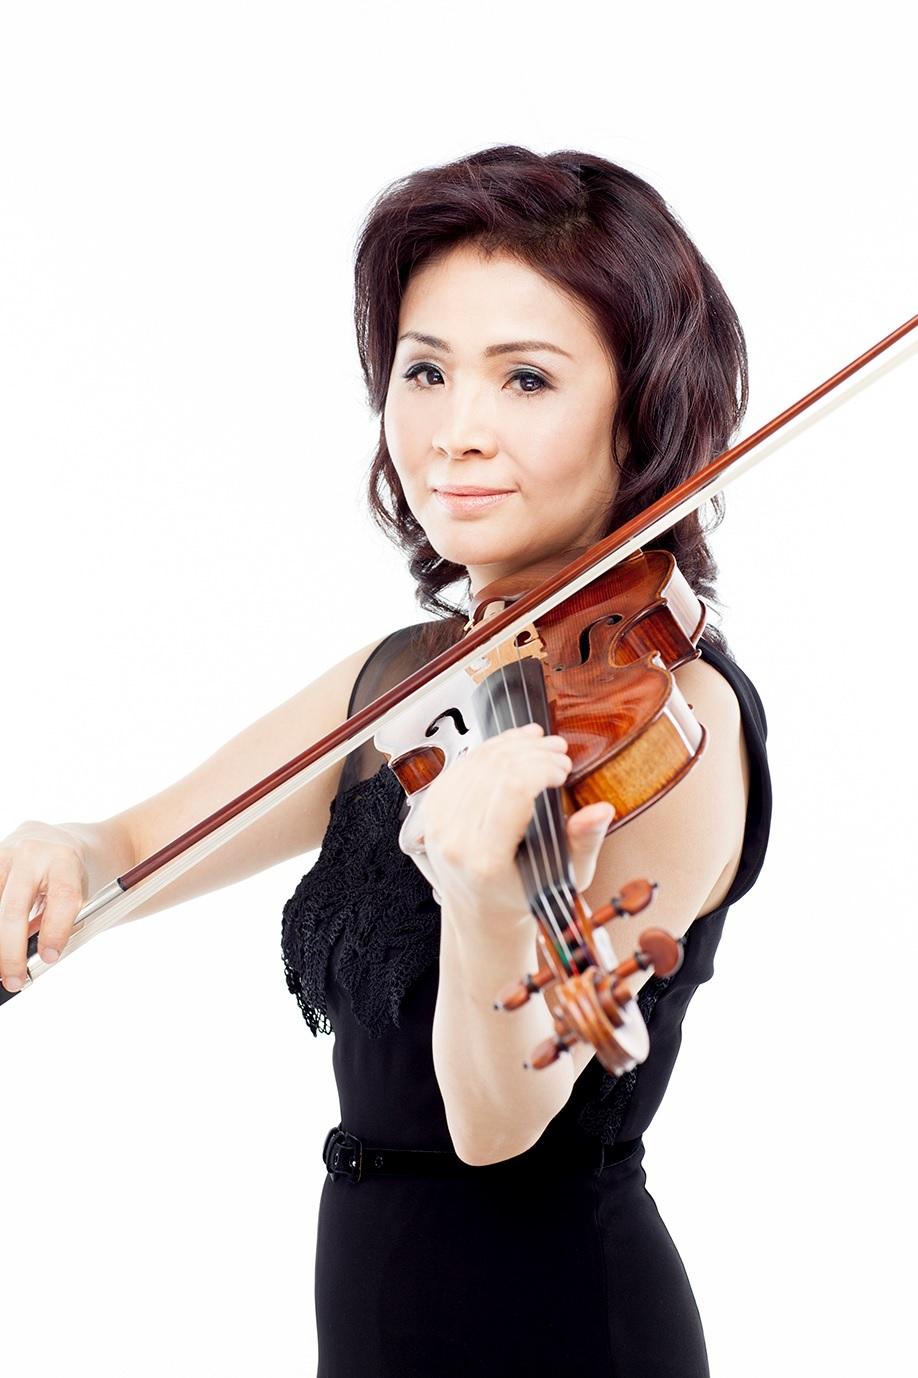 渡辺玲子とラザレフのケミストリーに期待しよう (c)Yuji Hori